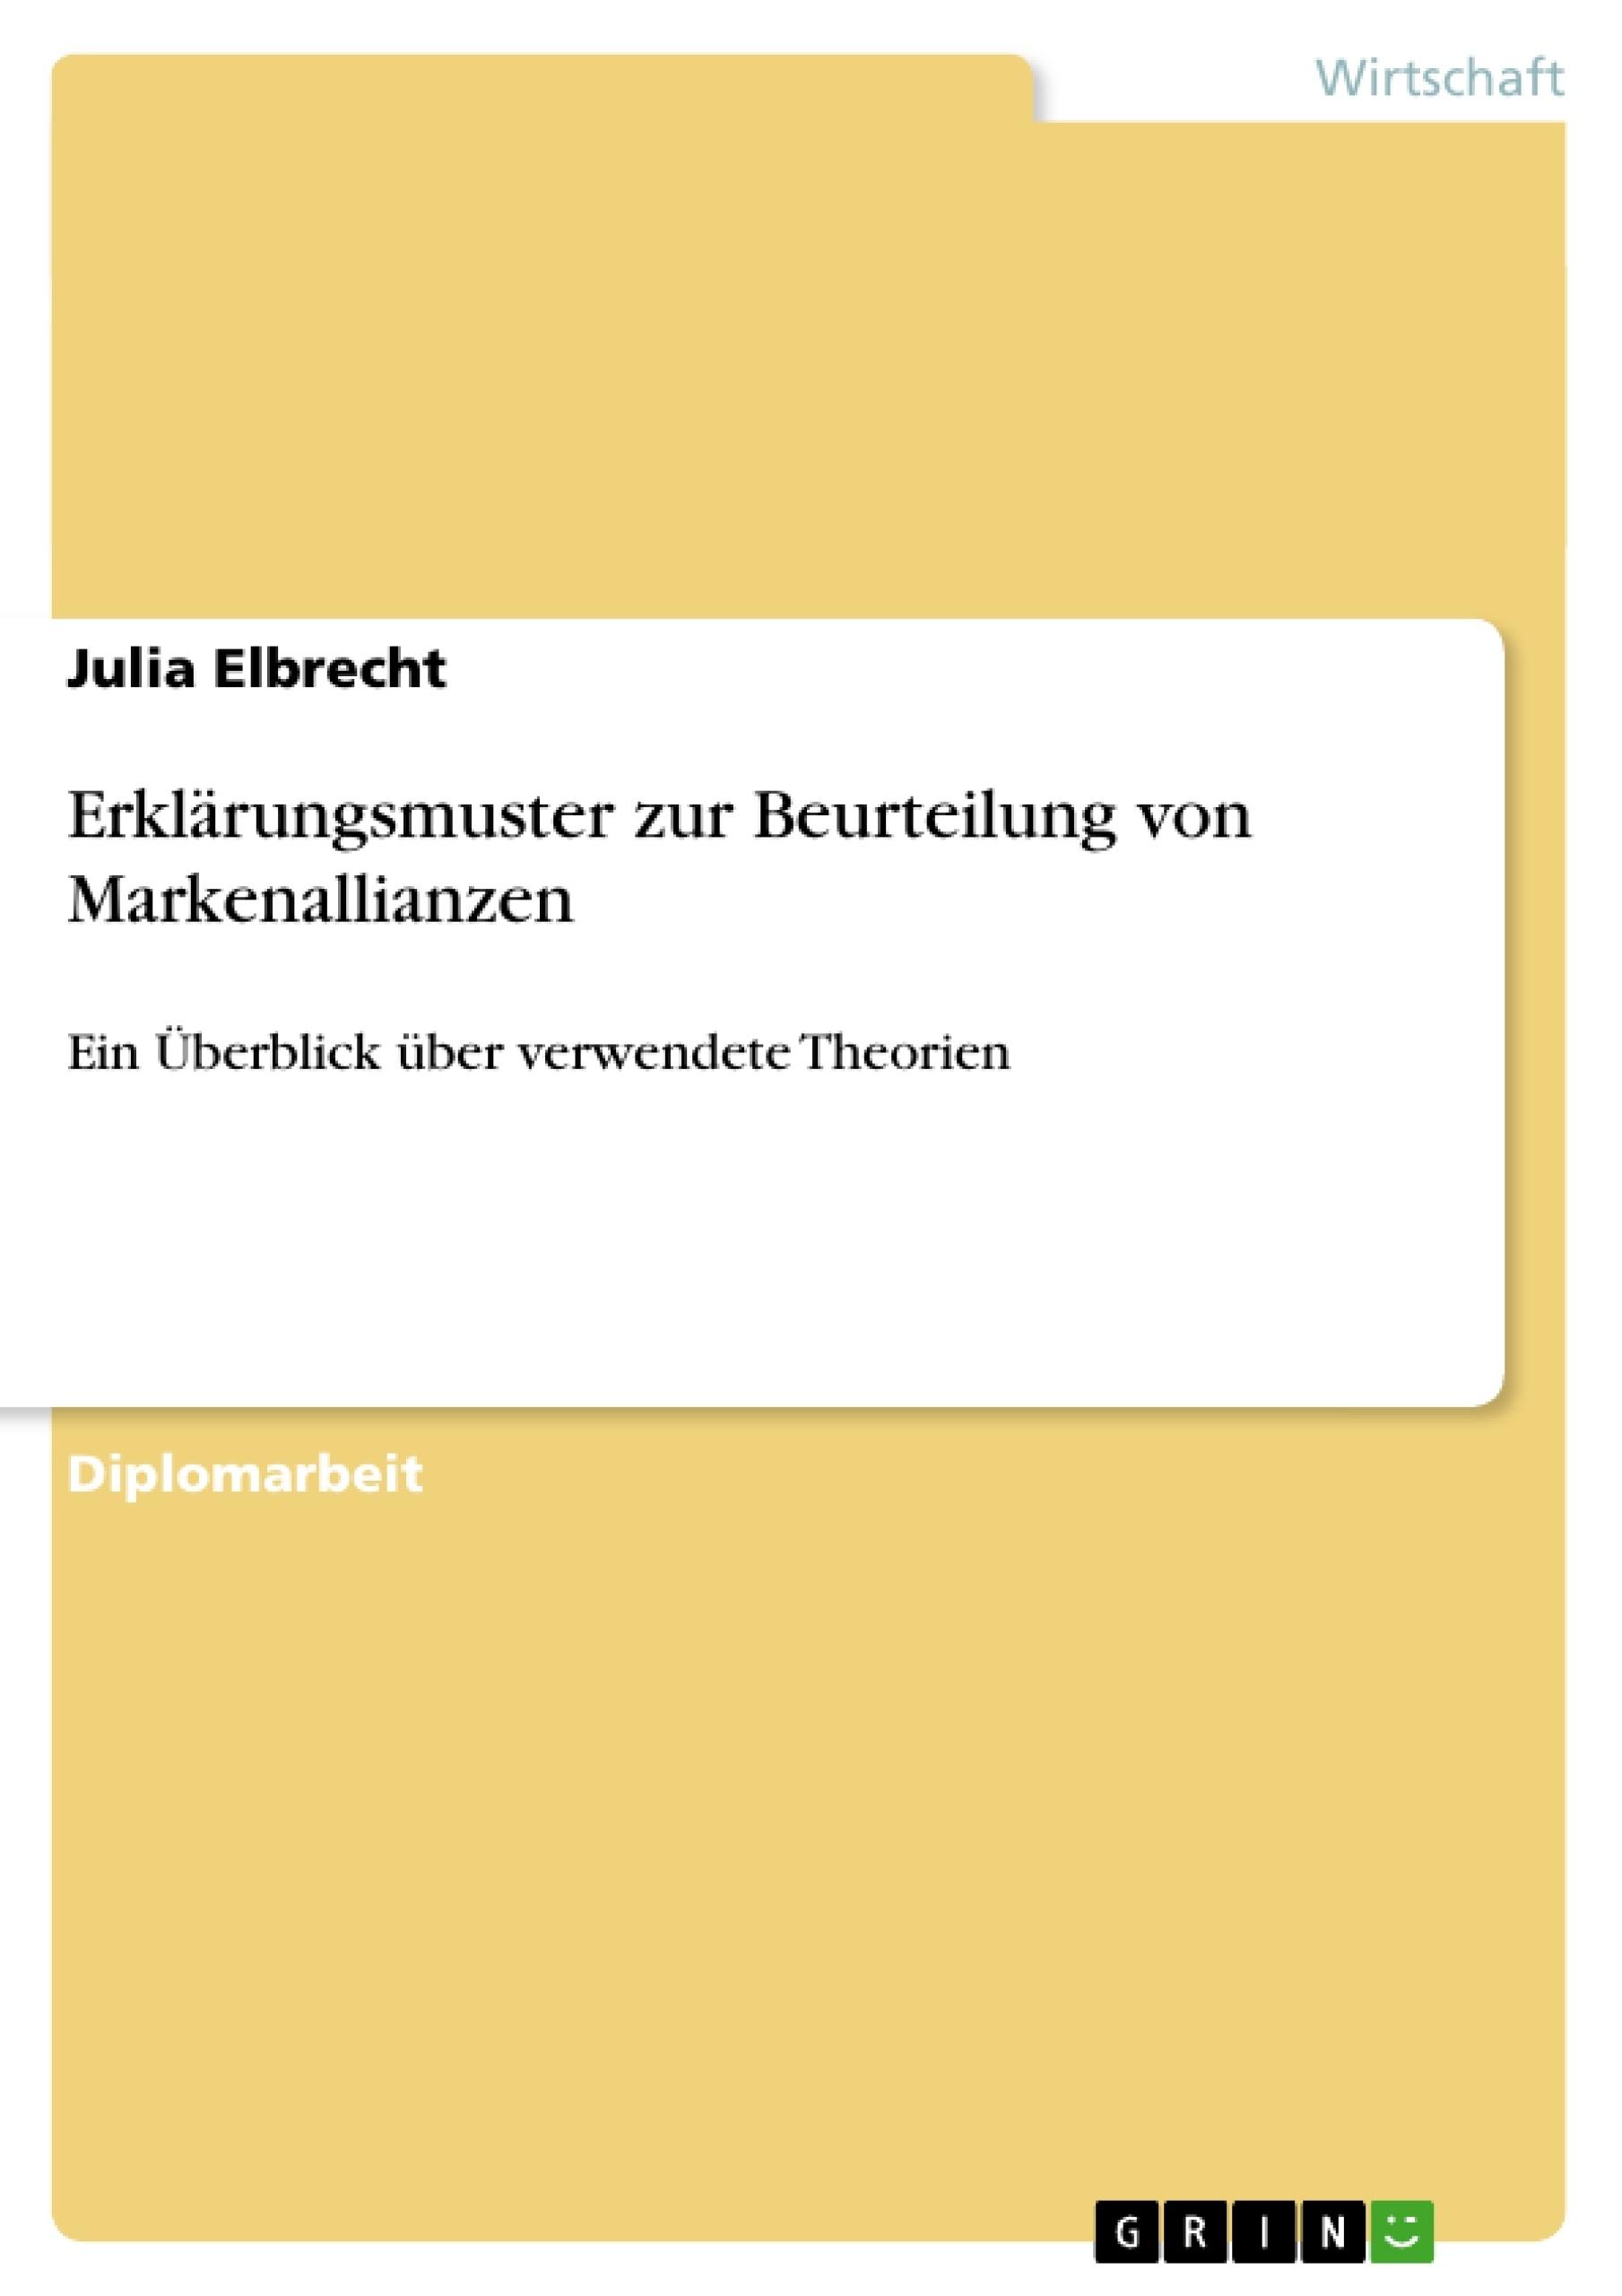 Titel: Erklärungsmuster zur Beurteilung von Markenallianzen